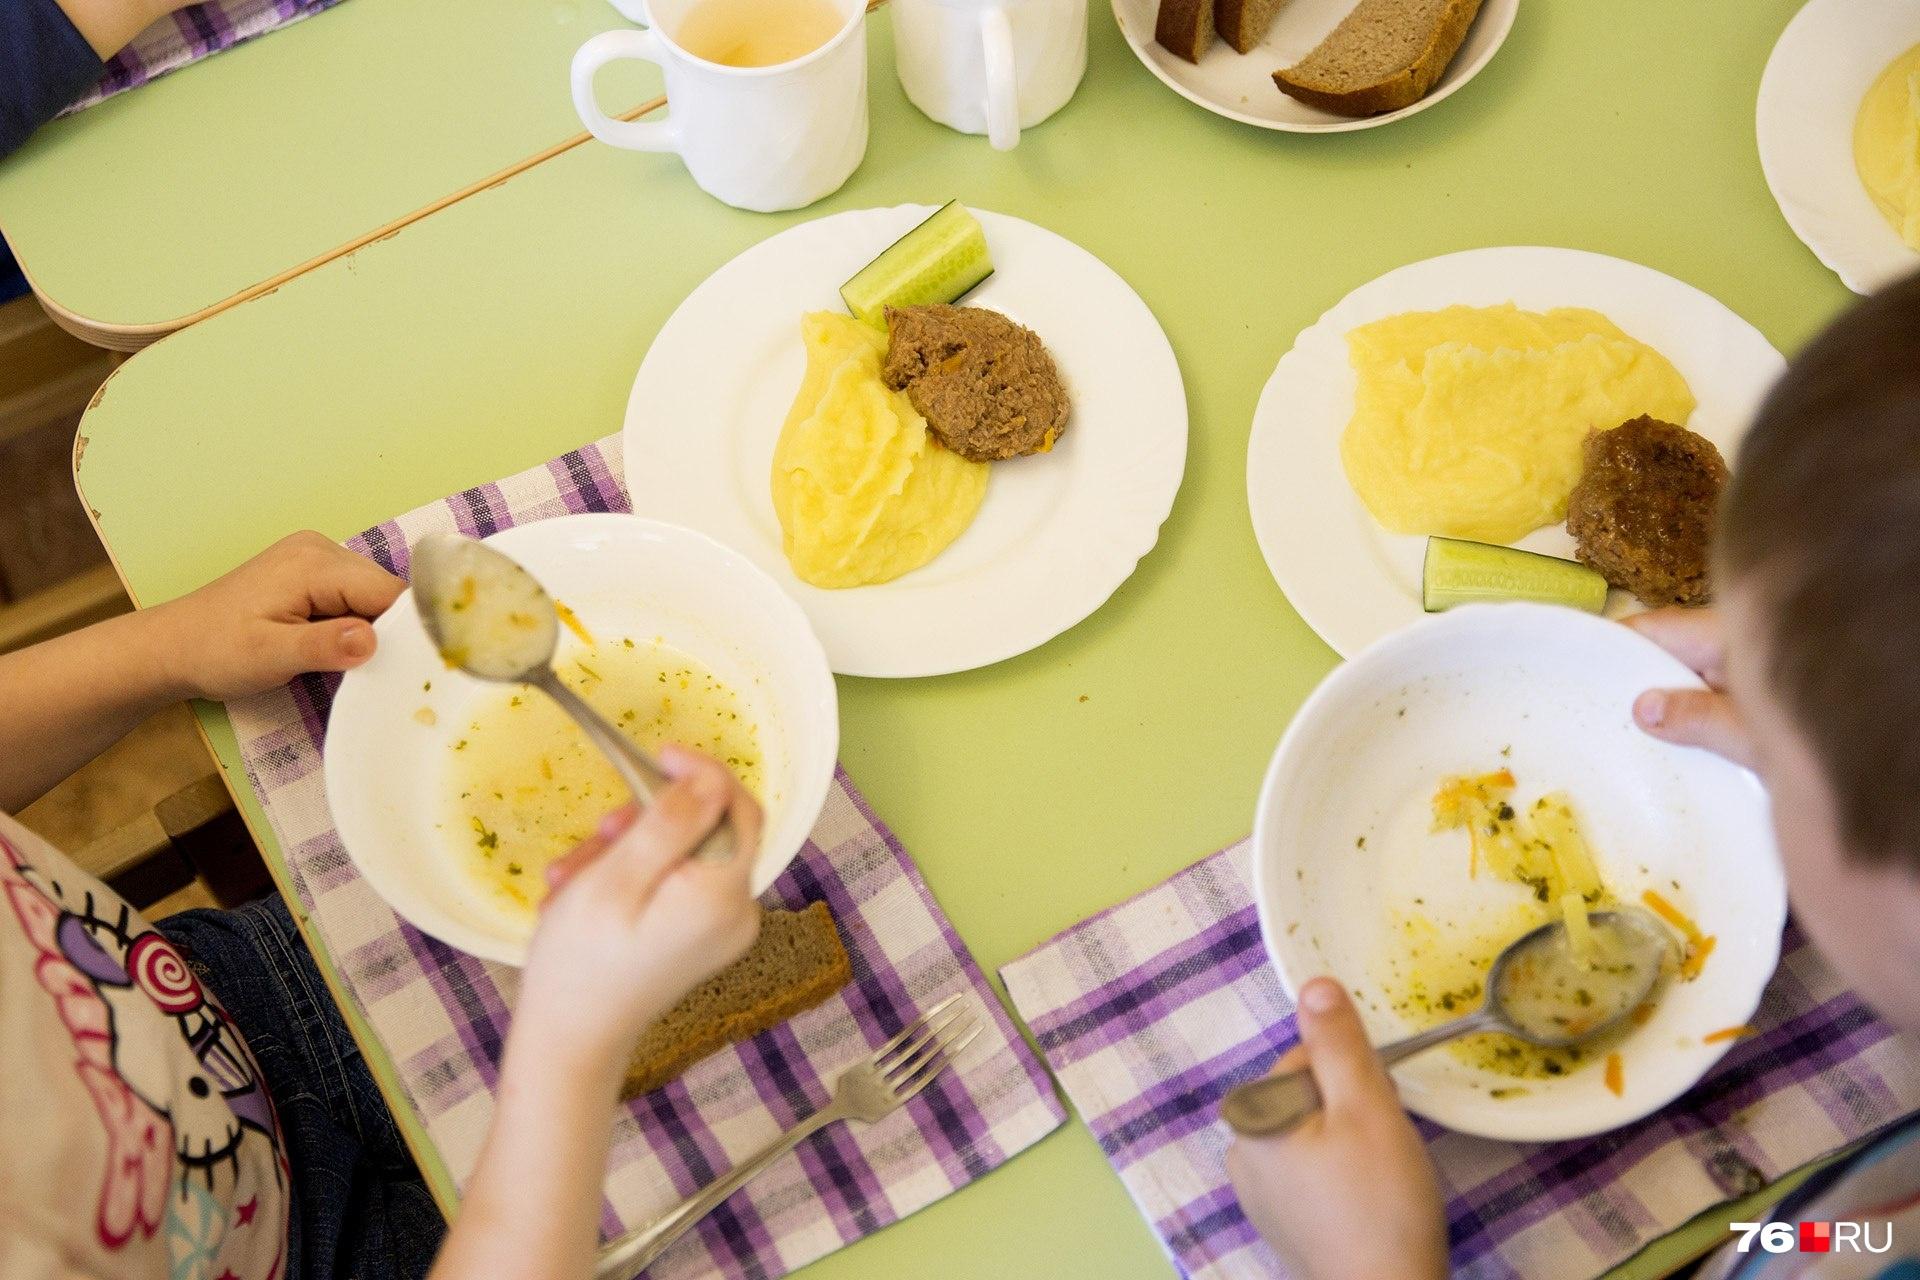 Специальная рабочая группа проверит, чем кормят детей